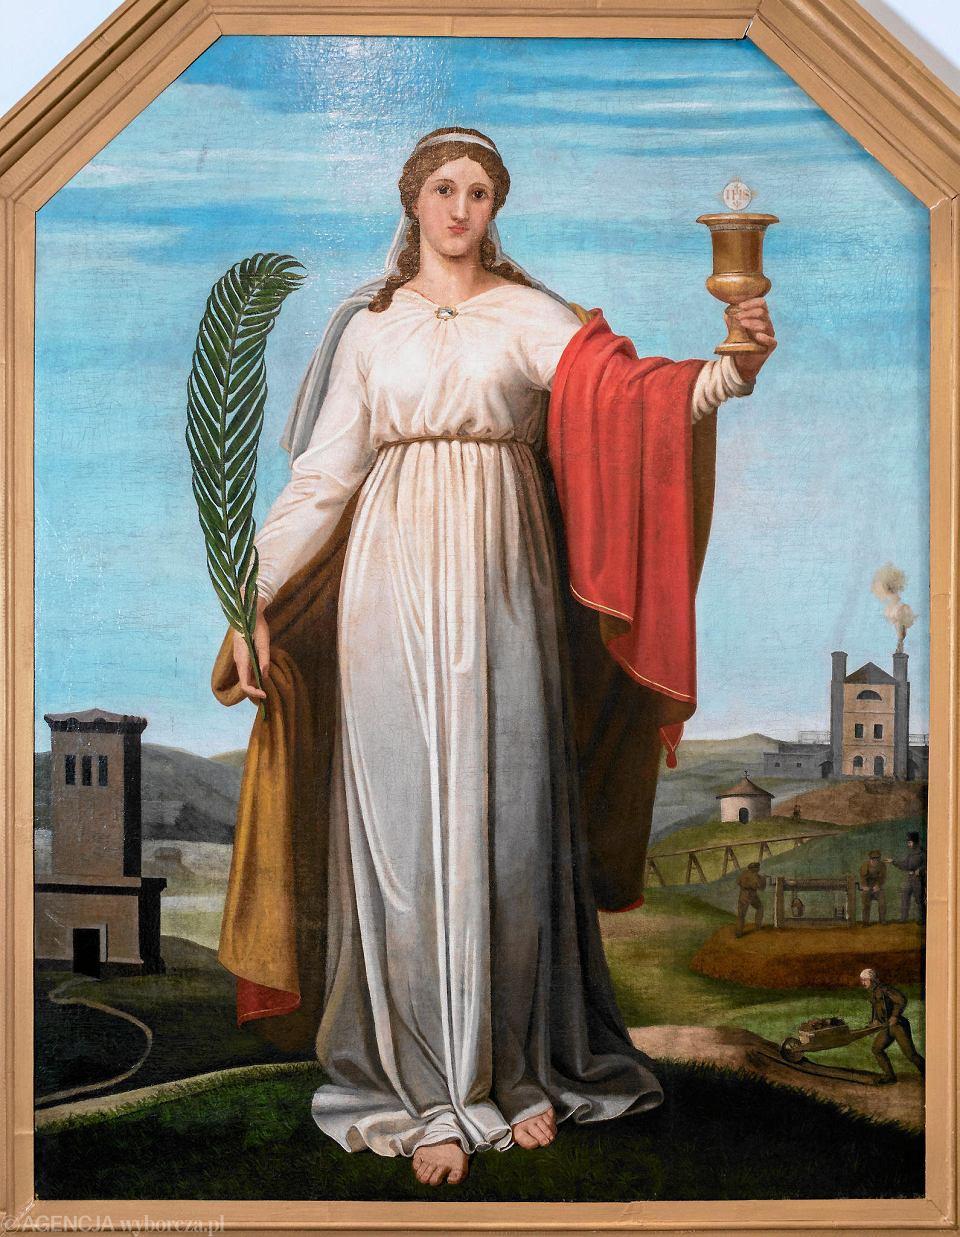 Obraz św. Barbary z Muzeum w Tarnowskich Górach jest częścią kolekcji przedmiotów związanych z tarnogórskim górnictwem, które od XVI do początku XX wieku kształtowało charakter miasta